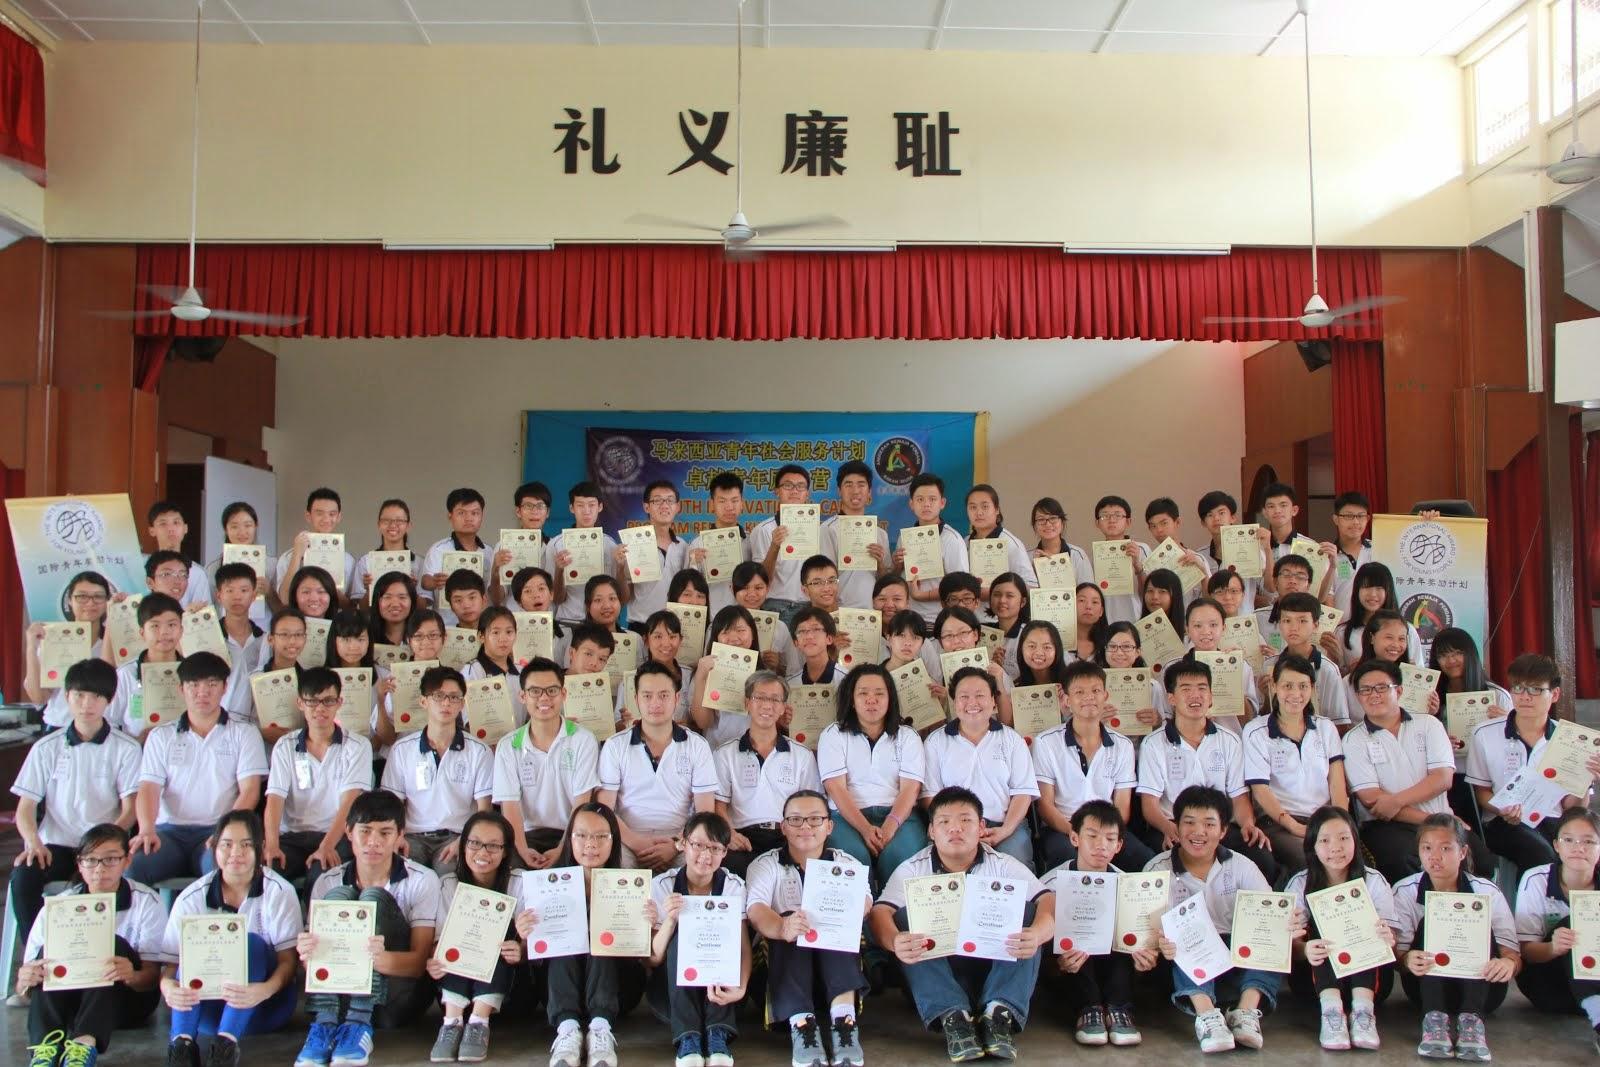 第十一期卓越青年励志营 7月/2014